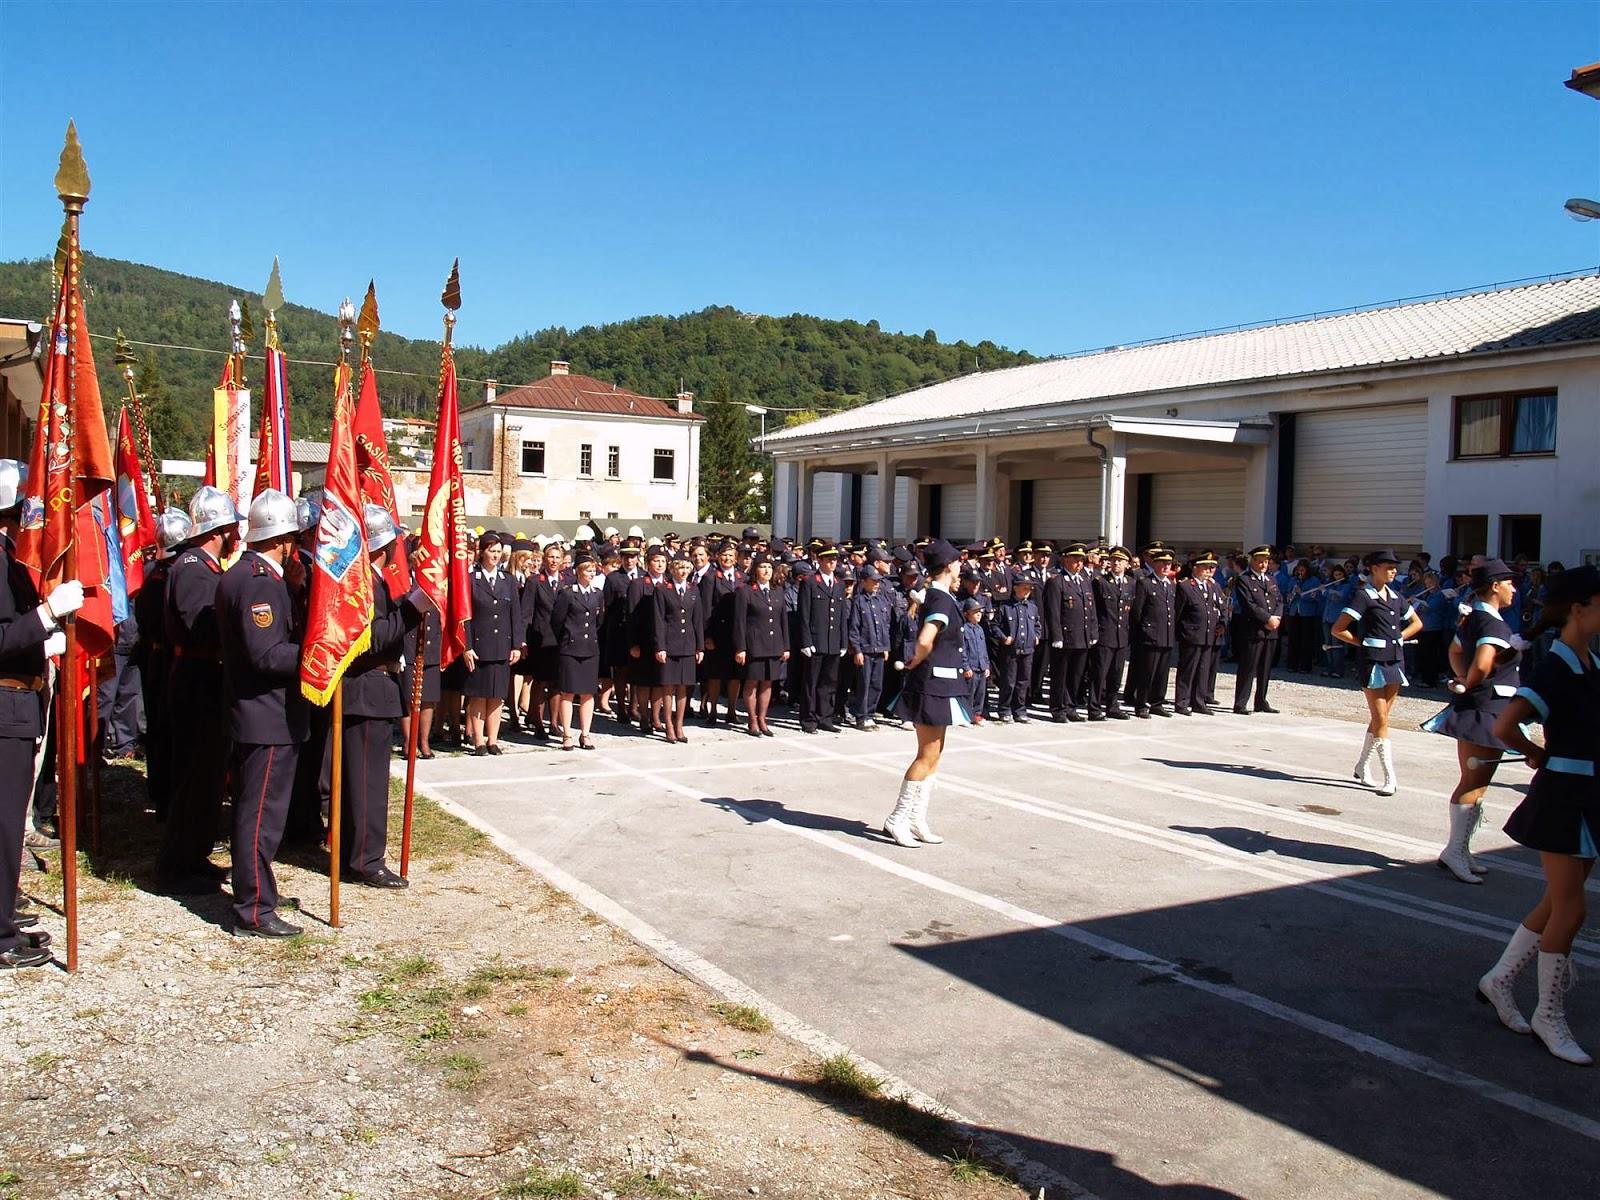 Gasilska parada, Ilirska Bistrica 2006 - P0103567.JPG